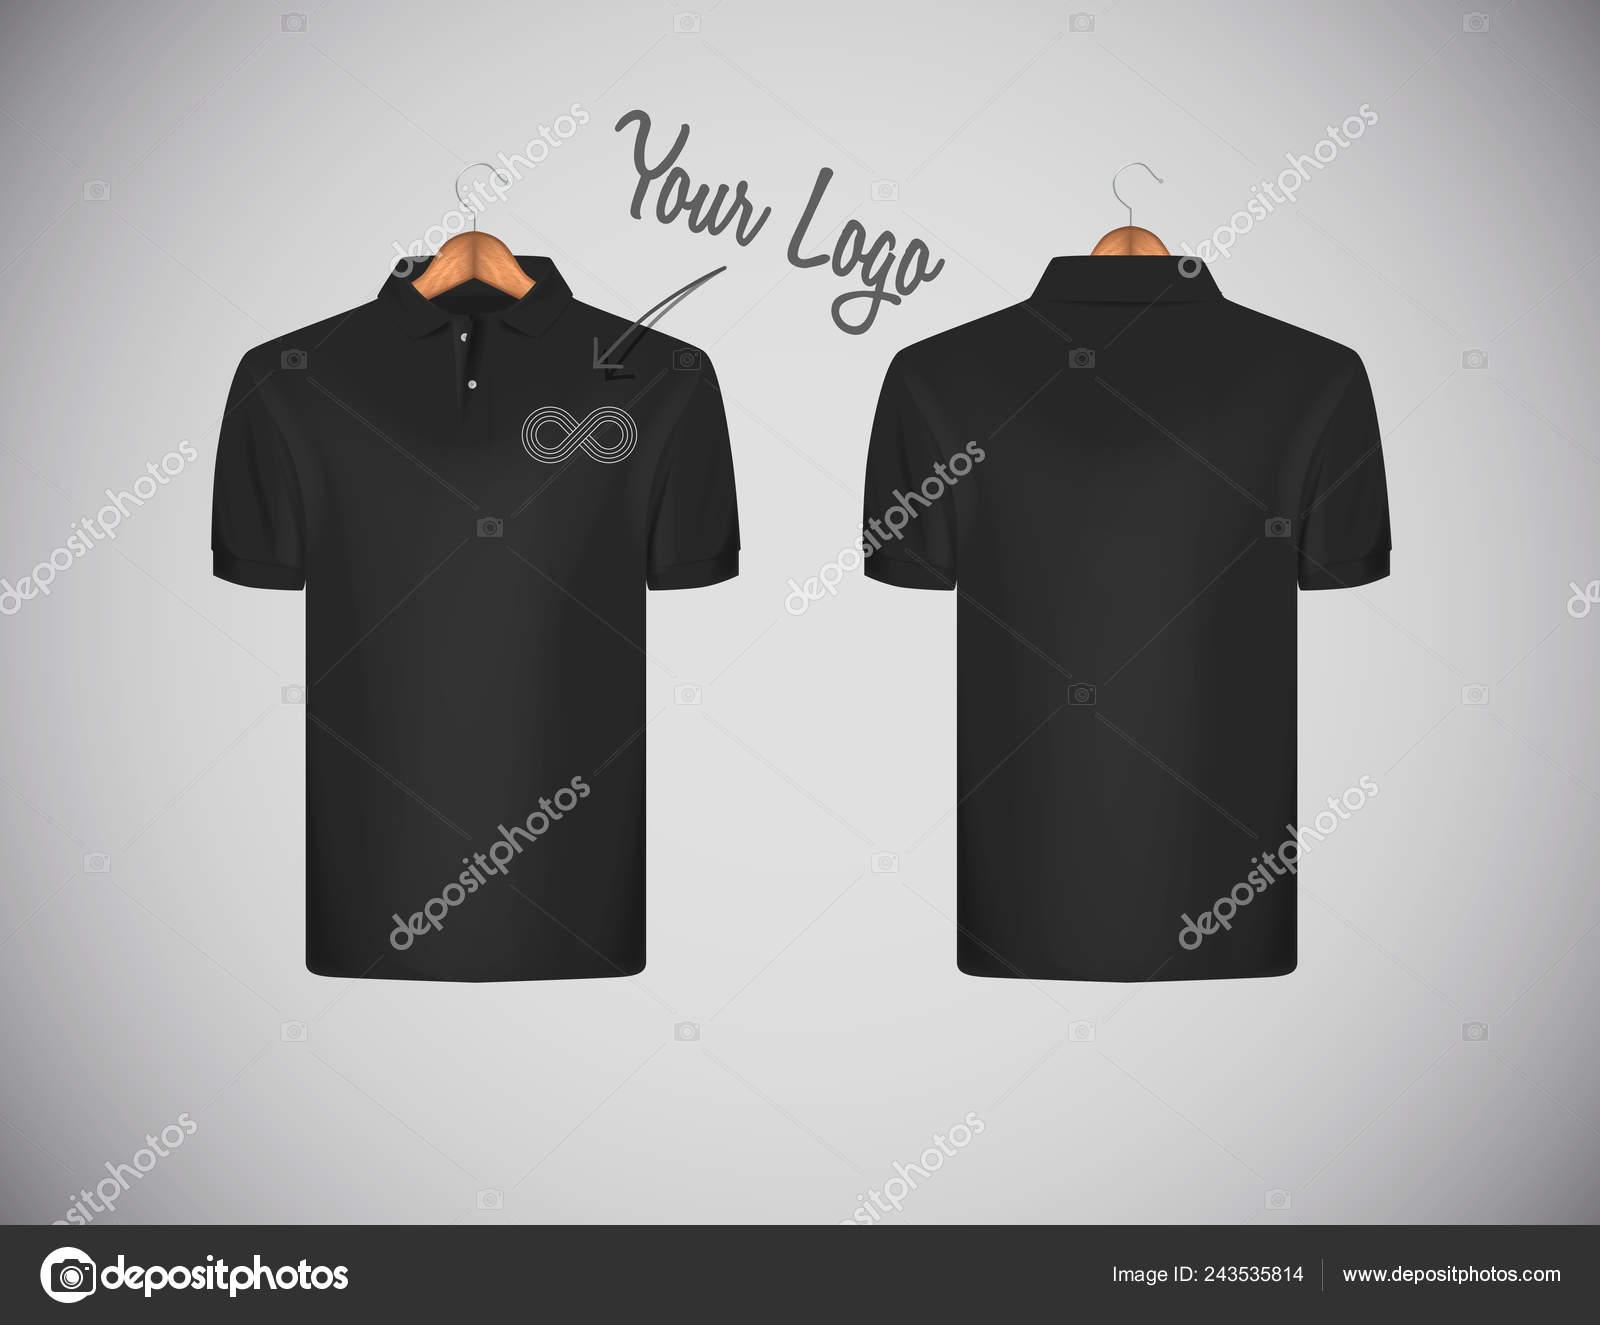 96d114a811 Camisa de polo de los hombres delgado-guarnición de manga corta con logo  para publicidad. Camisa negra polo en plantilla de diseño de maqueta de  suspensión ...